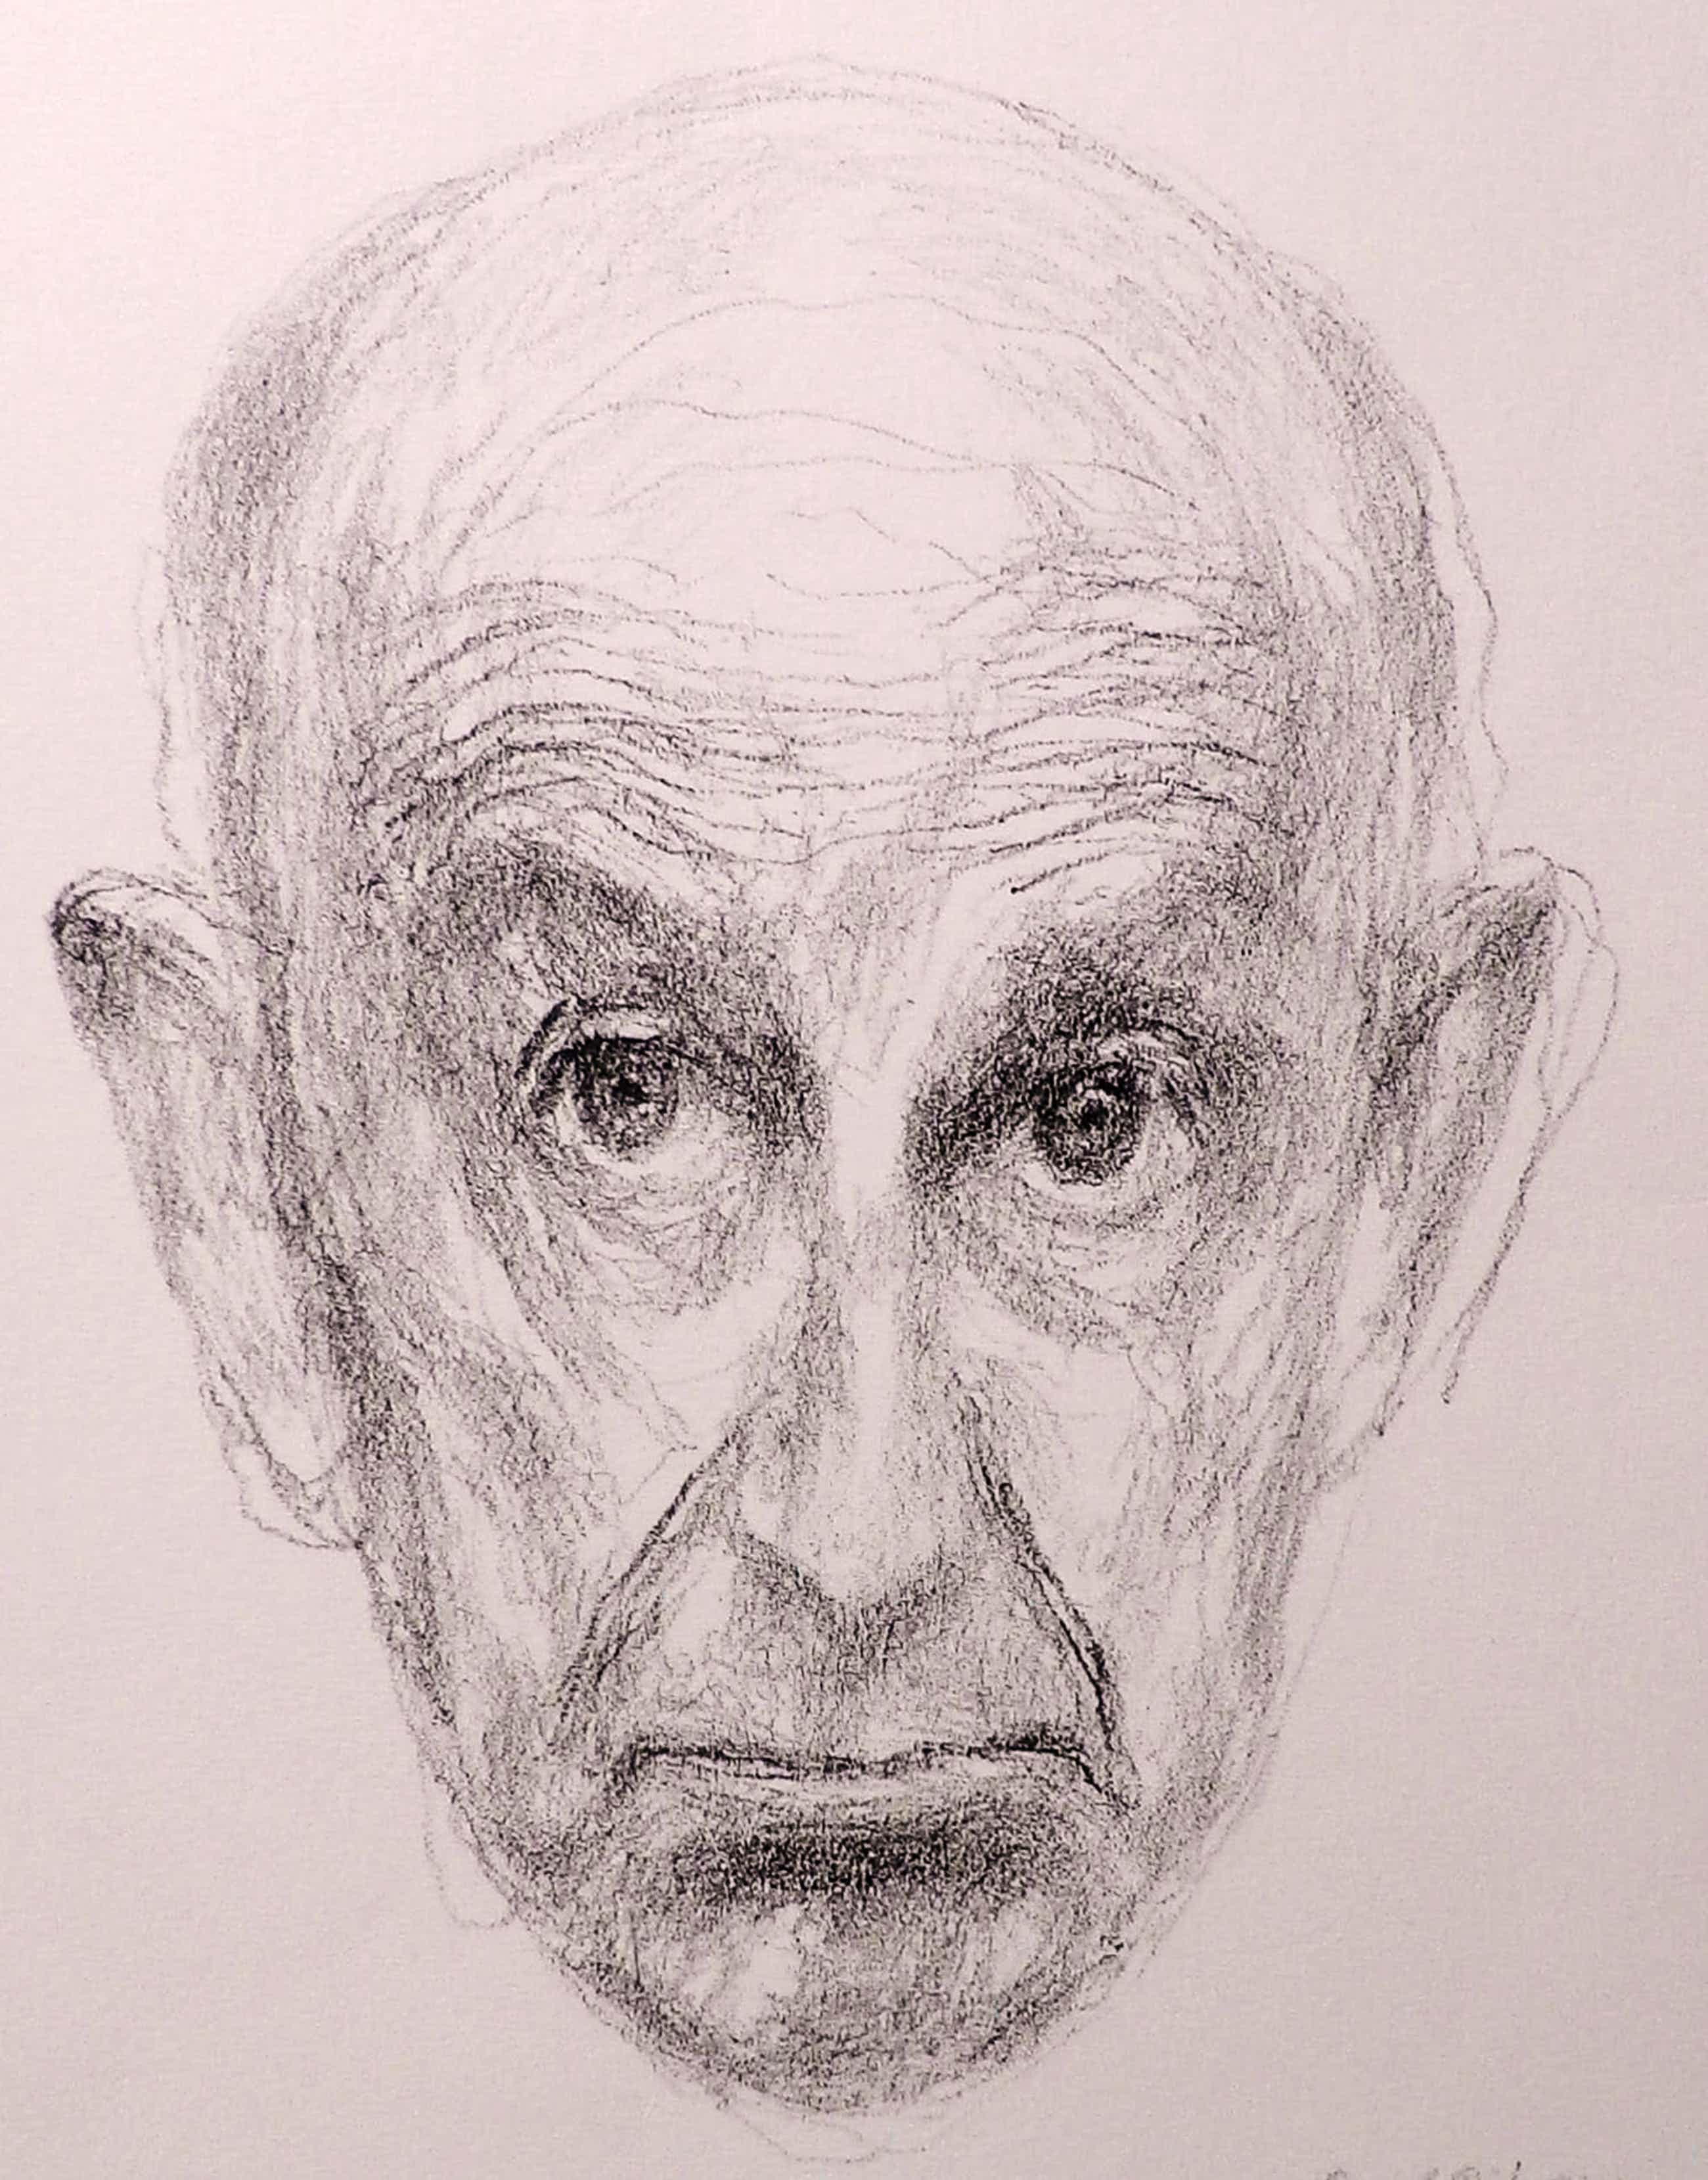 Paul Citroen - litho: Zelf portret - 1975 kopen? Bied vanaf 75!